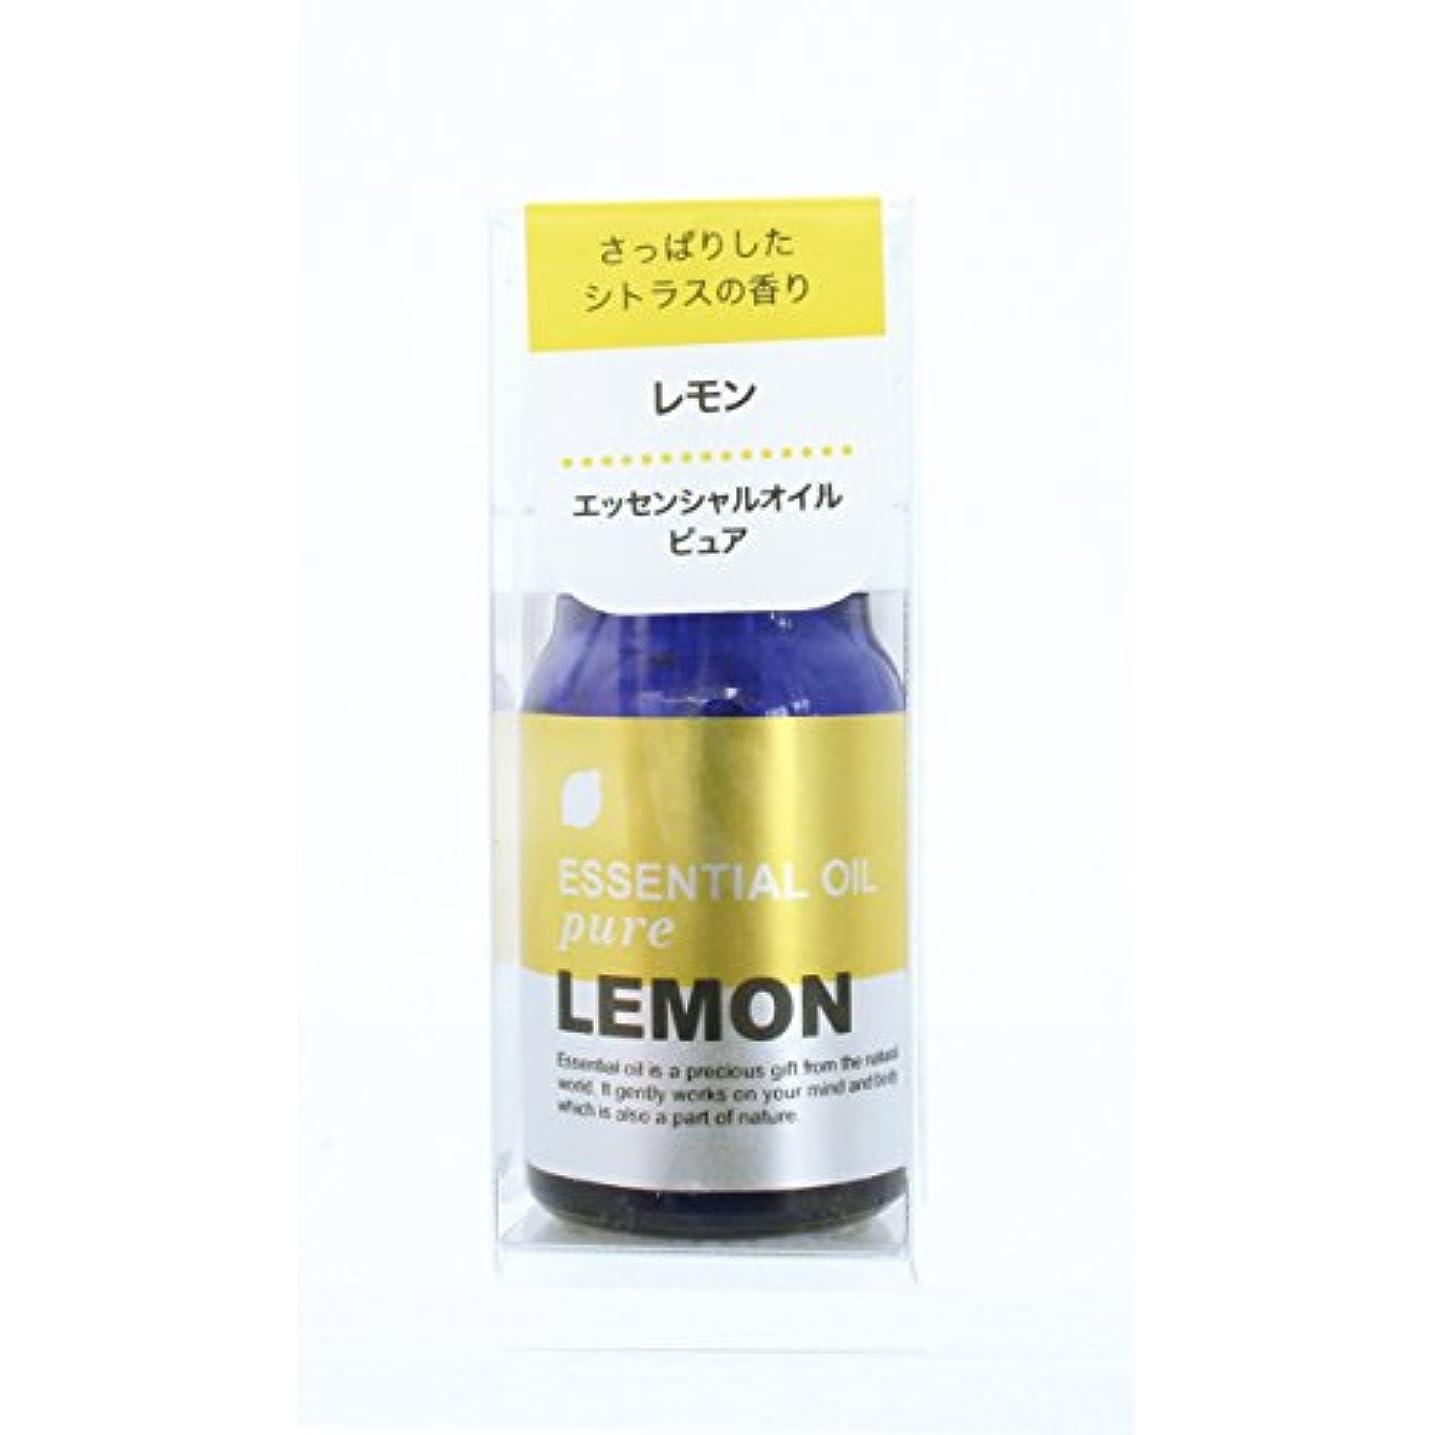 サーキュレーションバッジペンフレンドプチエッセンシャルオイル レモン